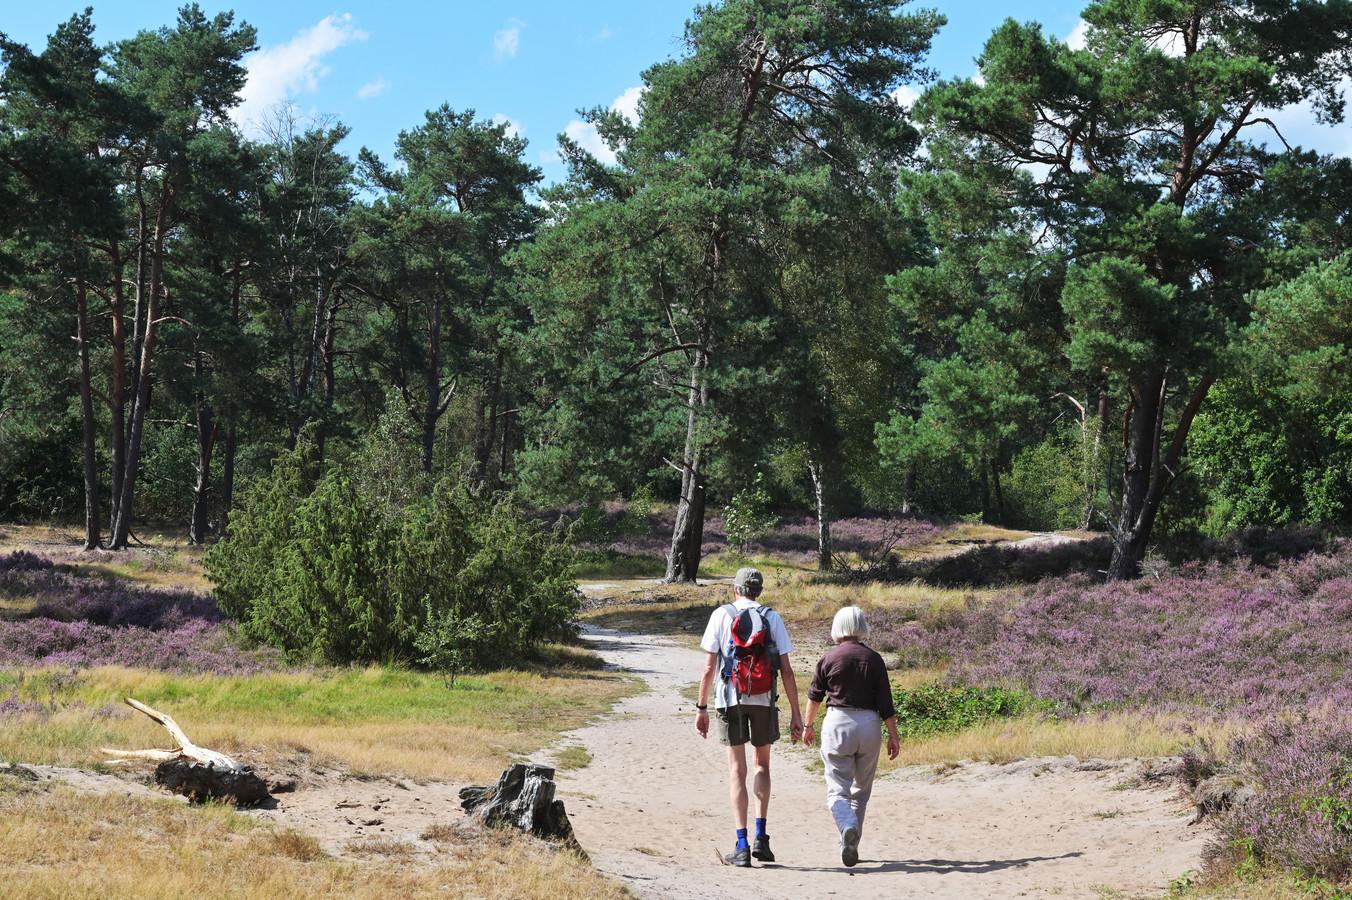 De natuur in combinatie met veel uitjes maakt de Utrechtse Heuvelrug een aantrekkelijk vakantiegebied.